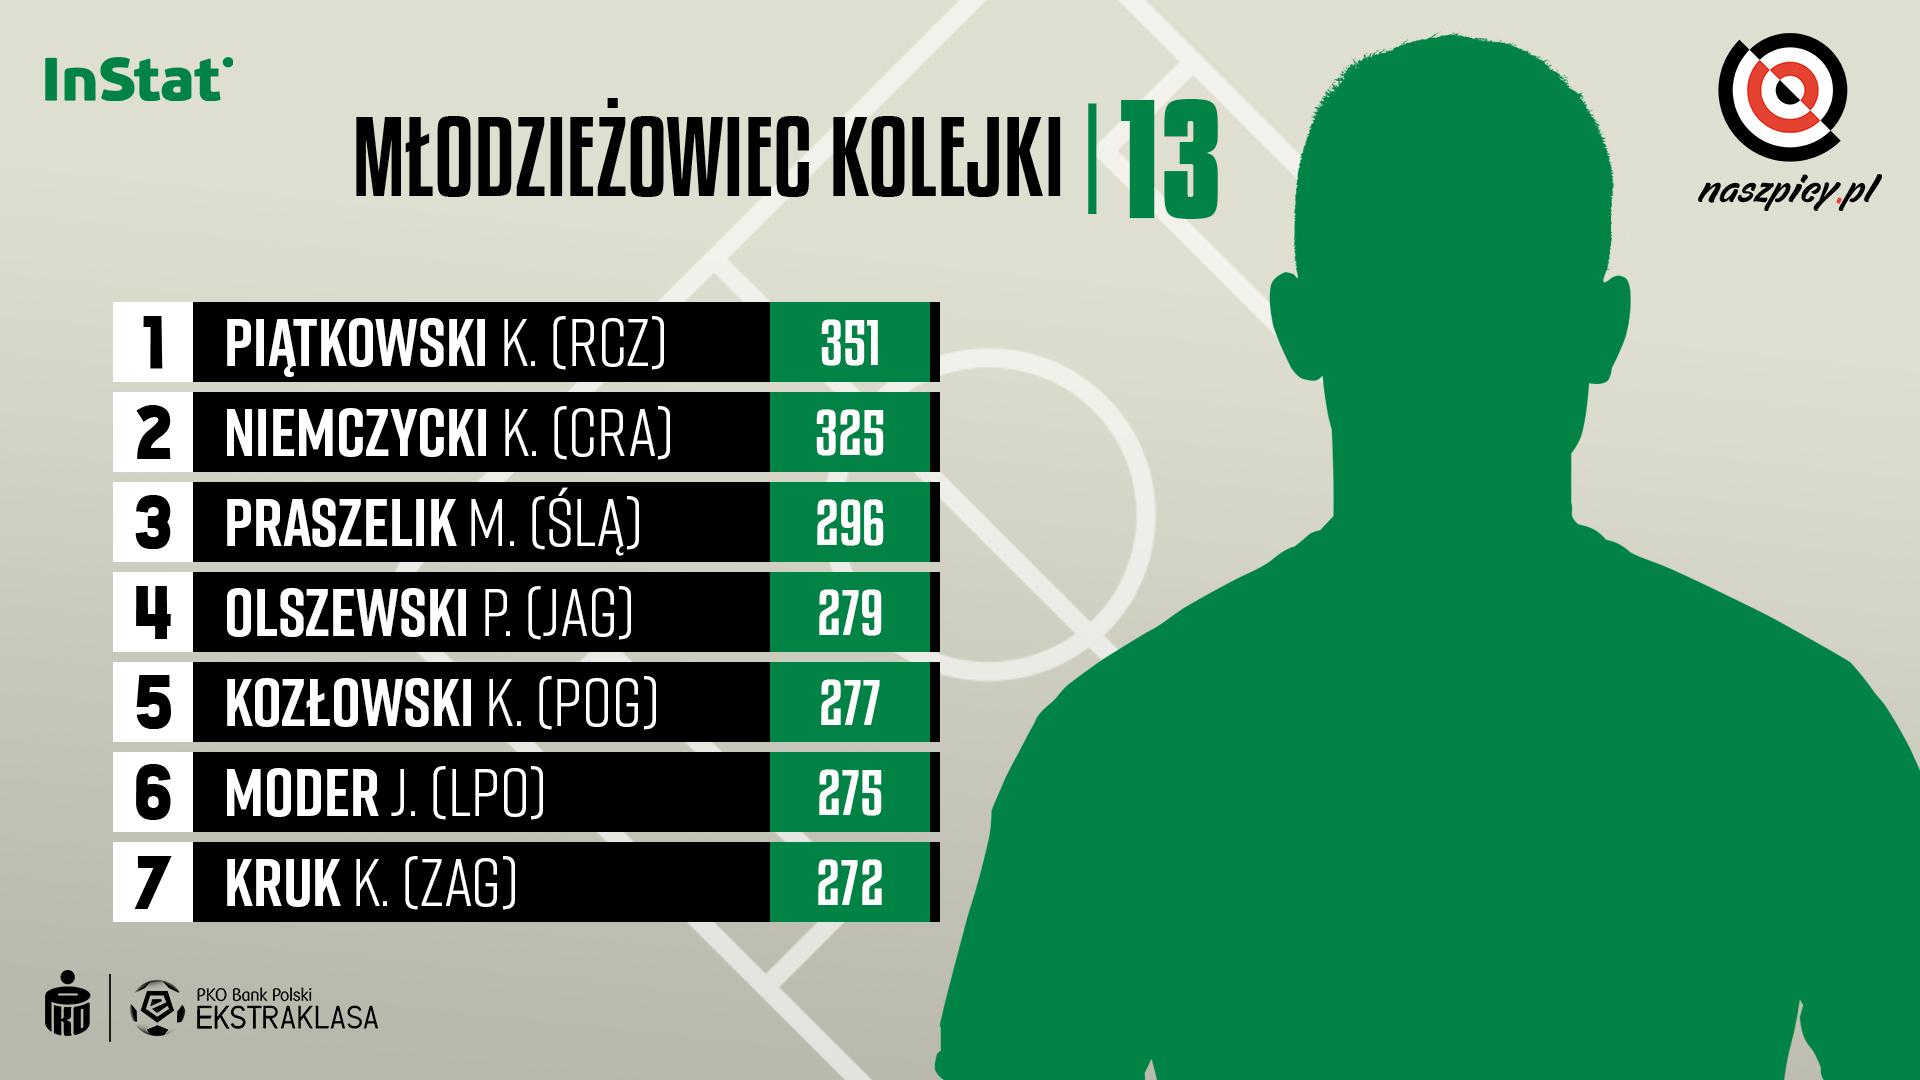 Ranking młodzieżowców w 13. kolejce PKO Ekstraklasy wg InStat Index<br><br>Źródło: Opracowanie własne na podstawie instatsport.com<br><br>graf. Bartosz Urban